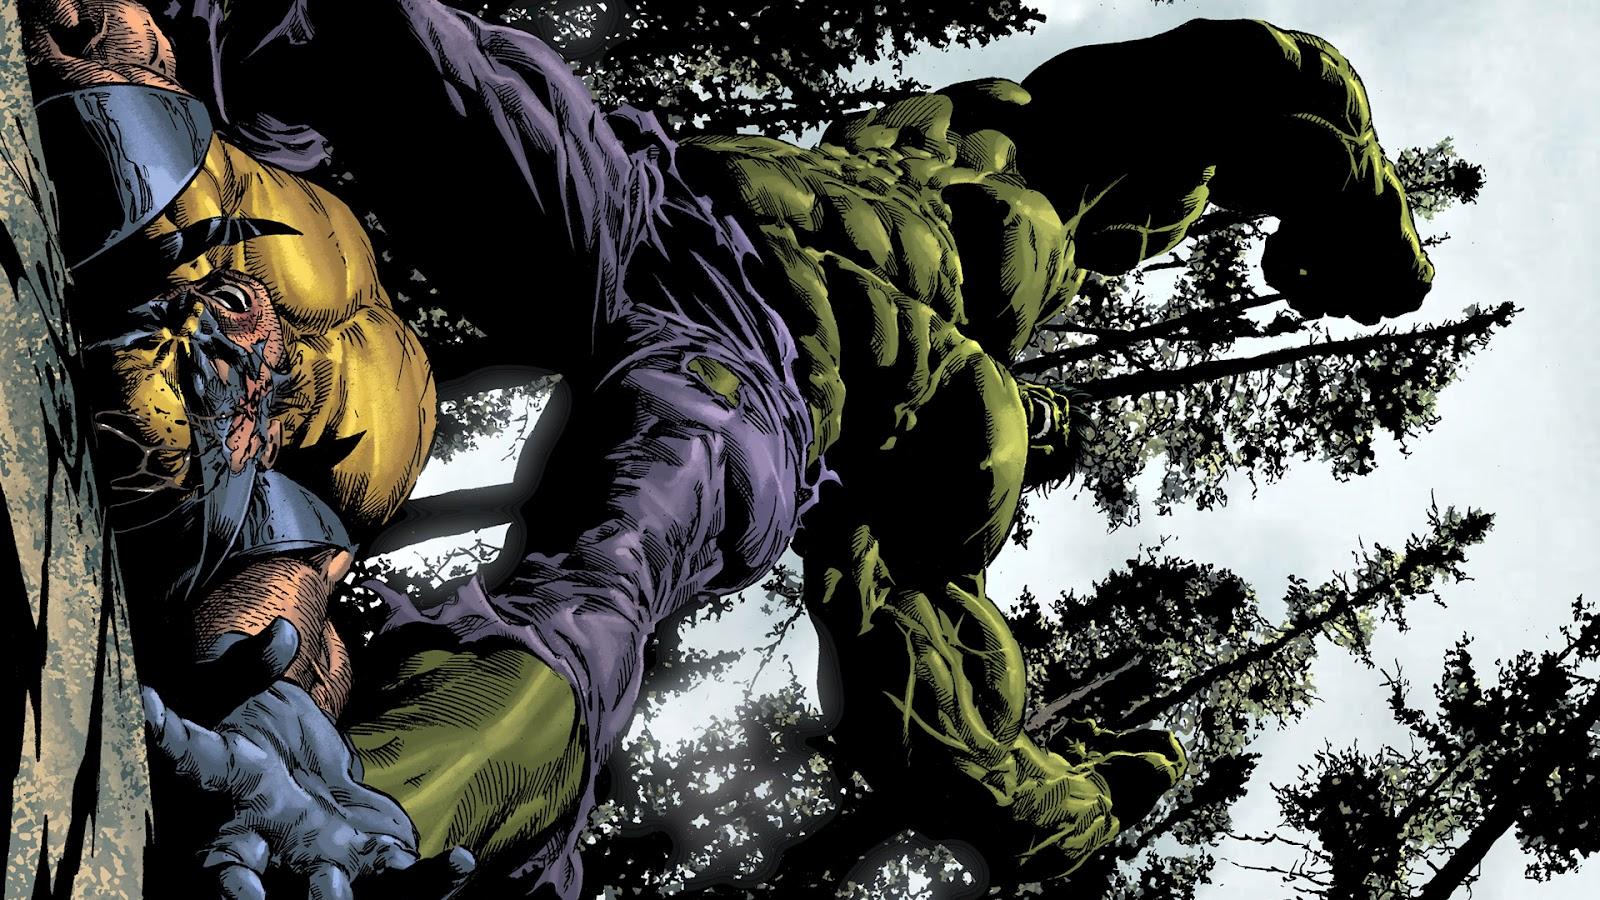 Hulk Desktop Wallpaper PicsWallpapercom 1600x900